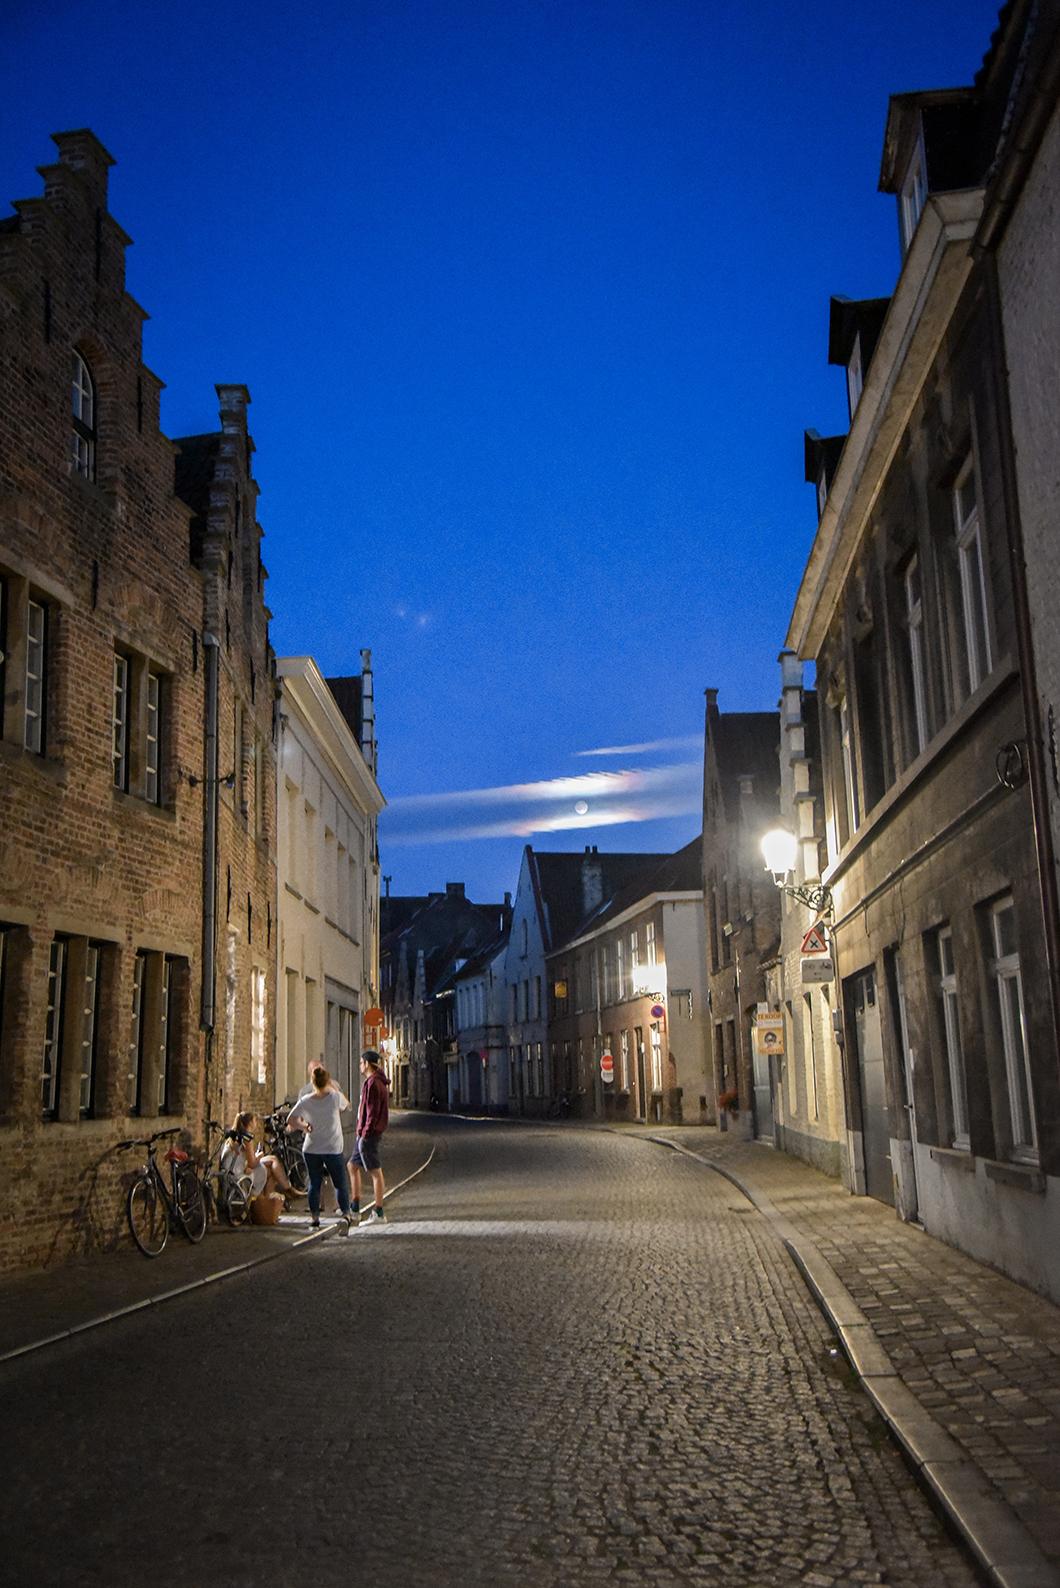 Balade nocturne à Bruges